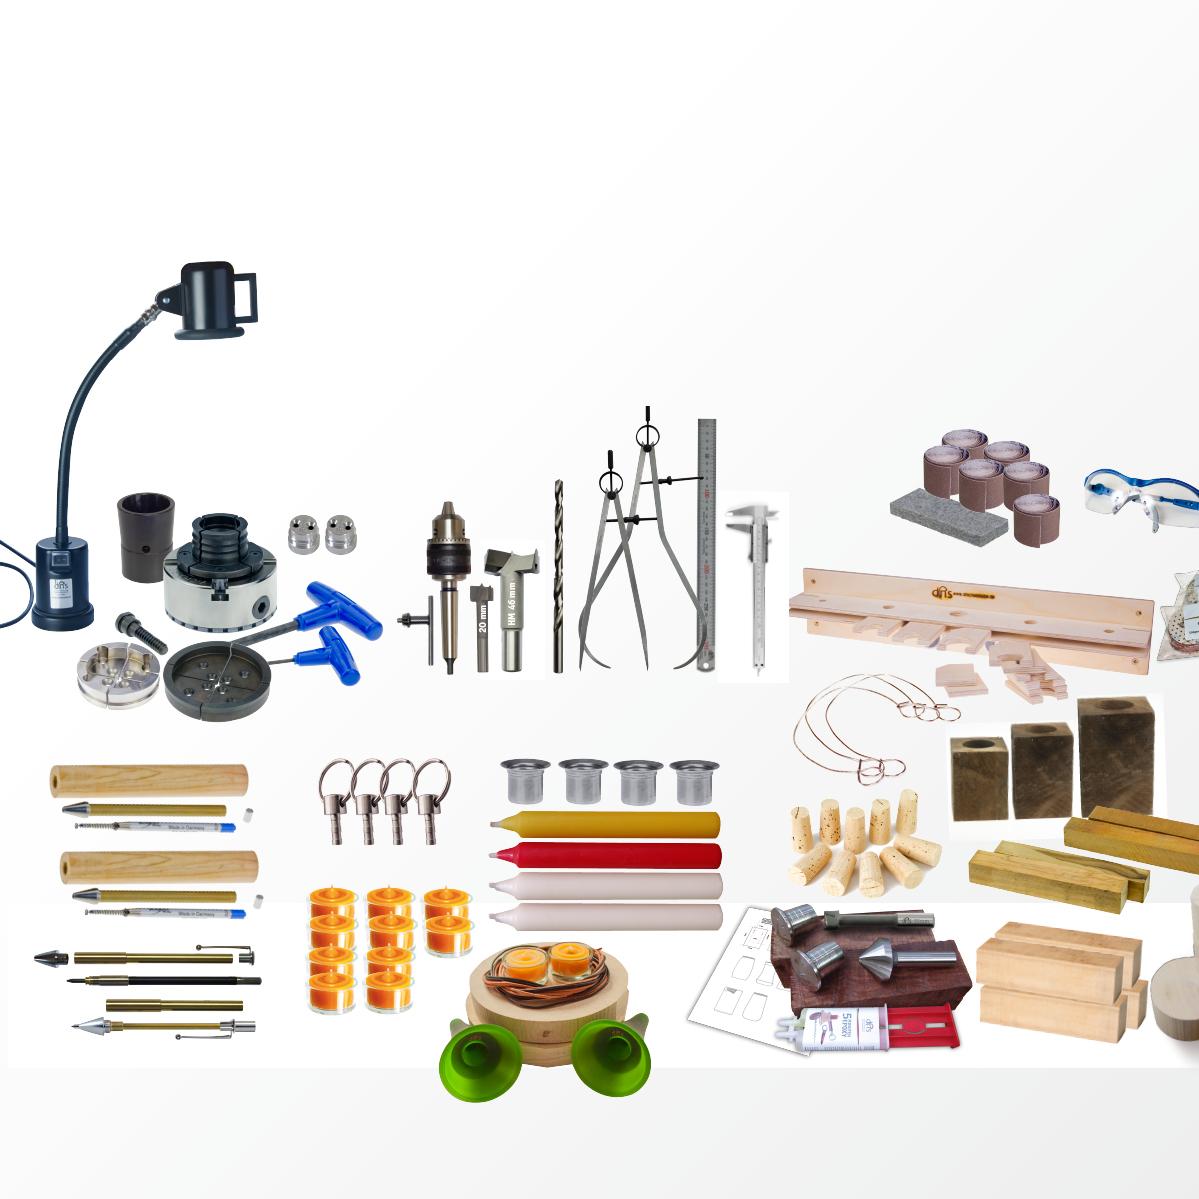 Komplett-Werkstatt-Sets